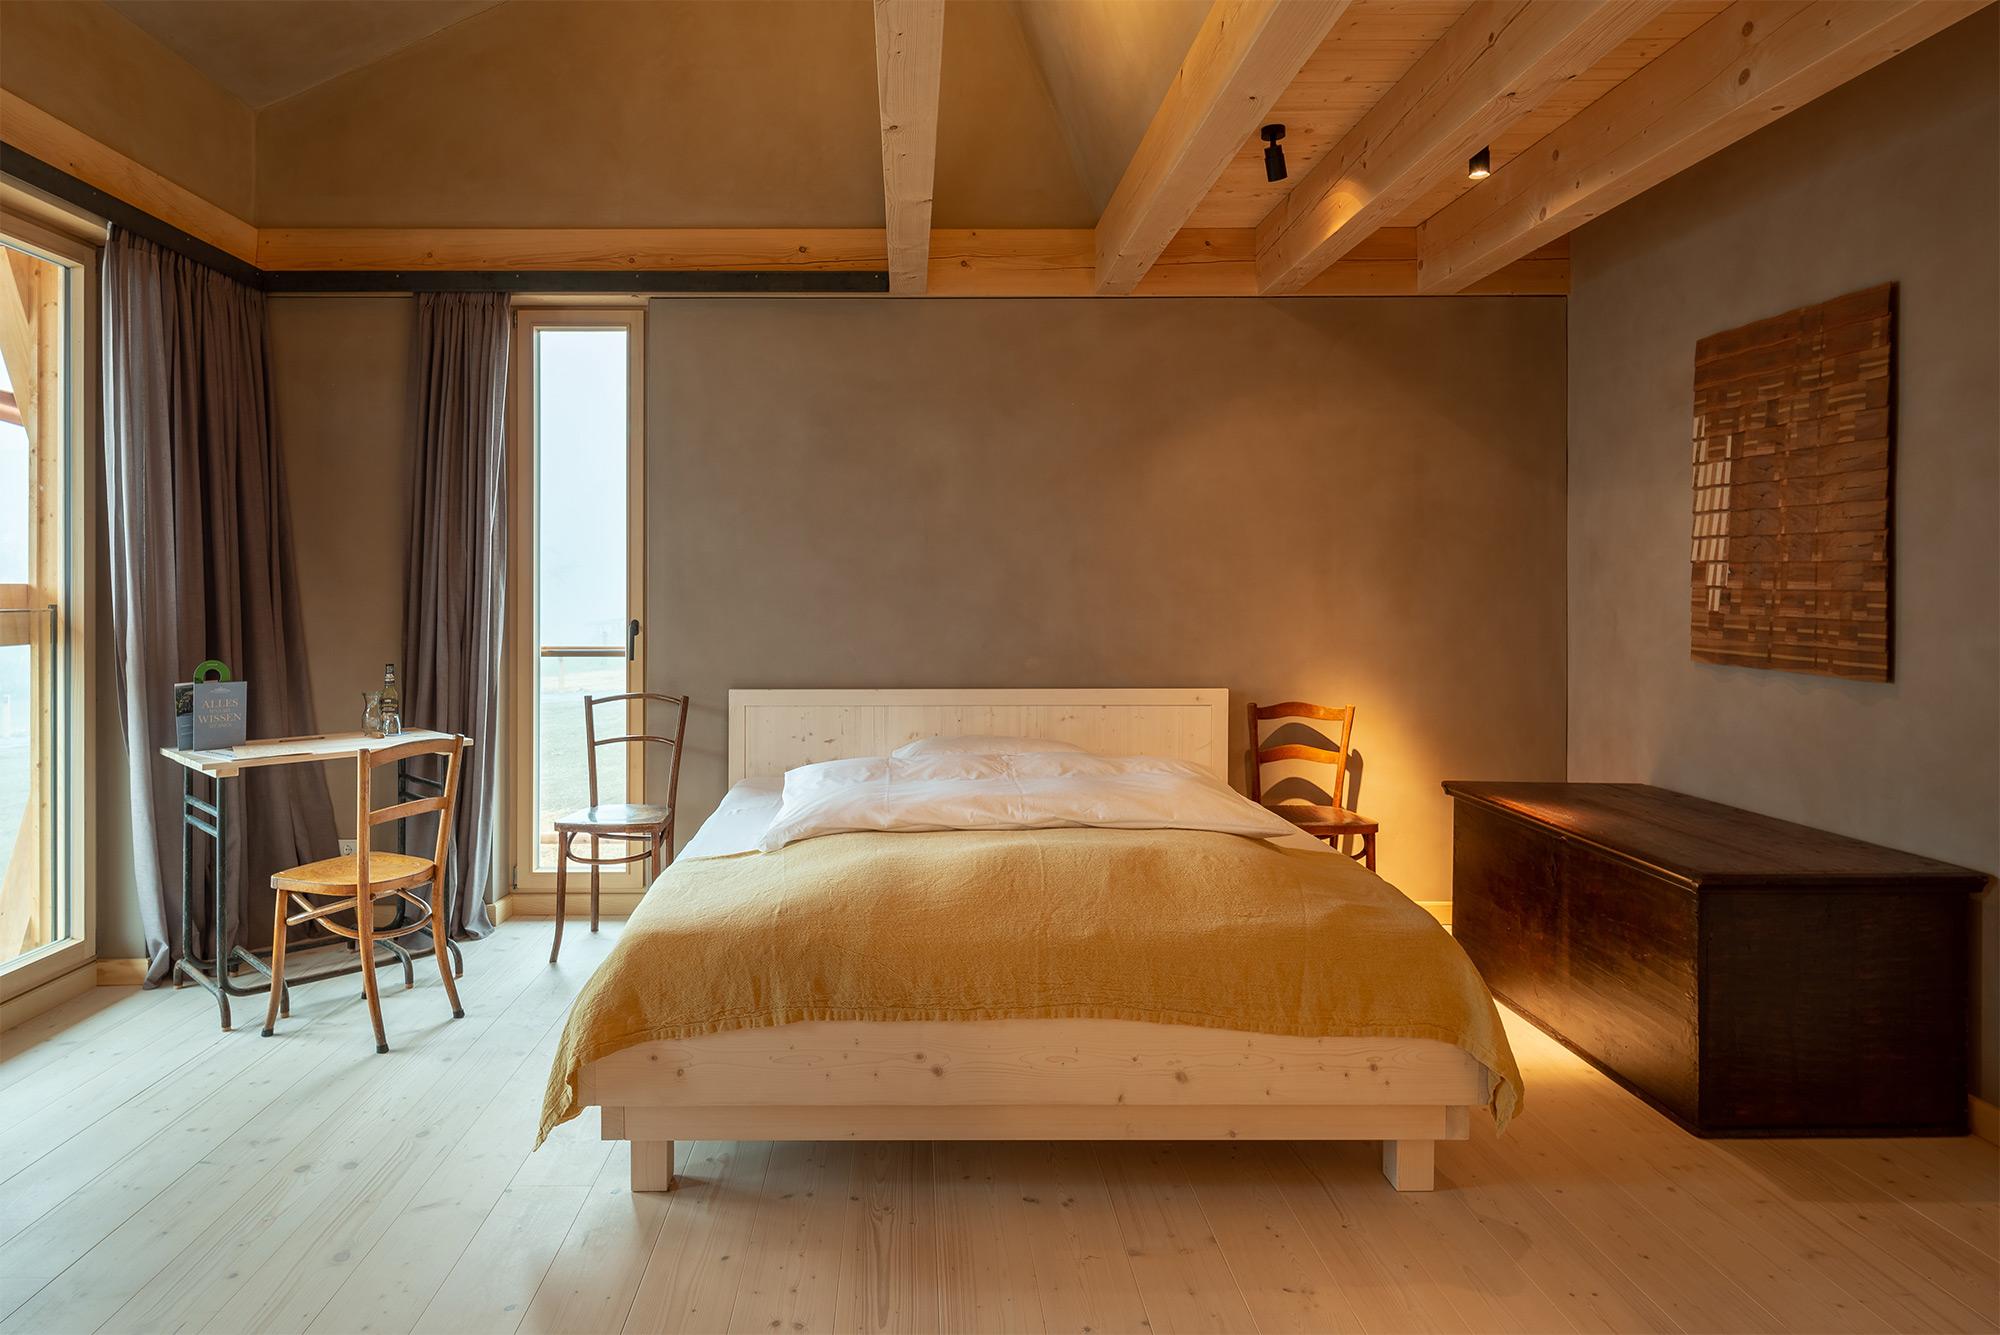 Design-Lehmputz im Bauernhaus Sonnenhausen kennenlernen